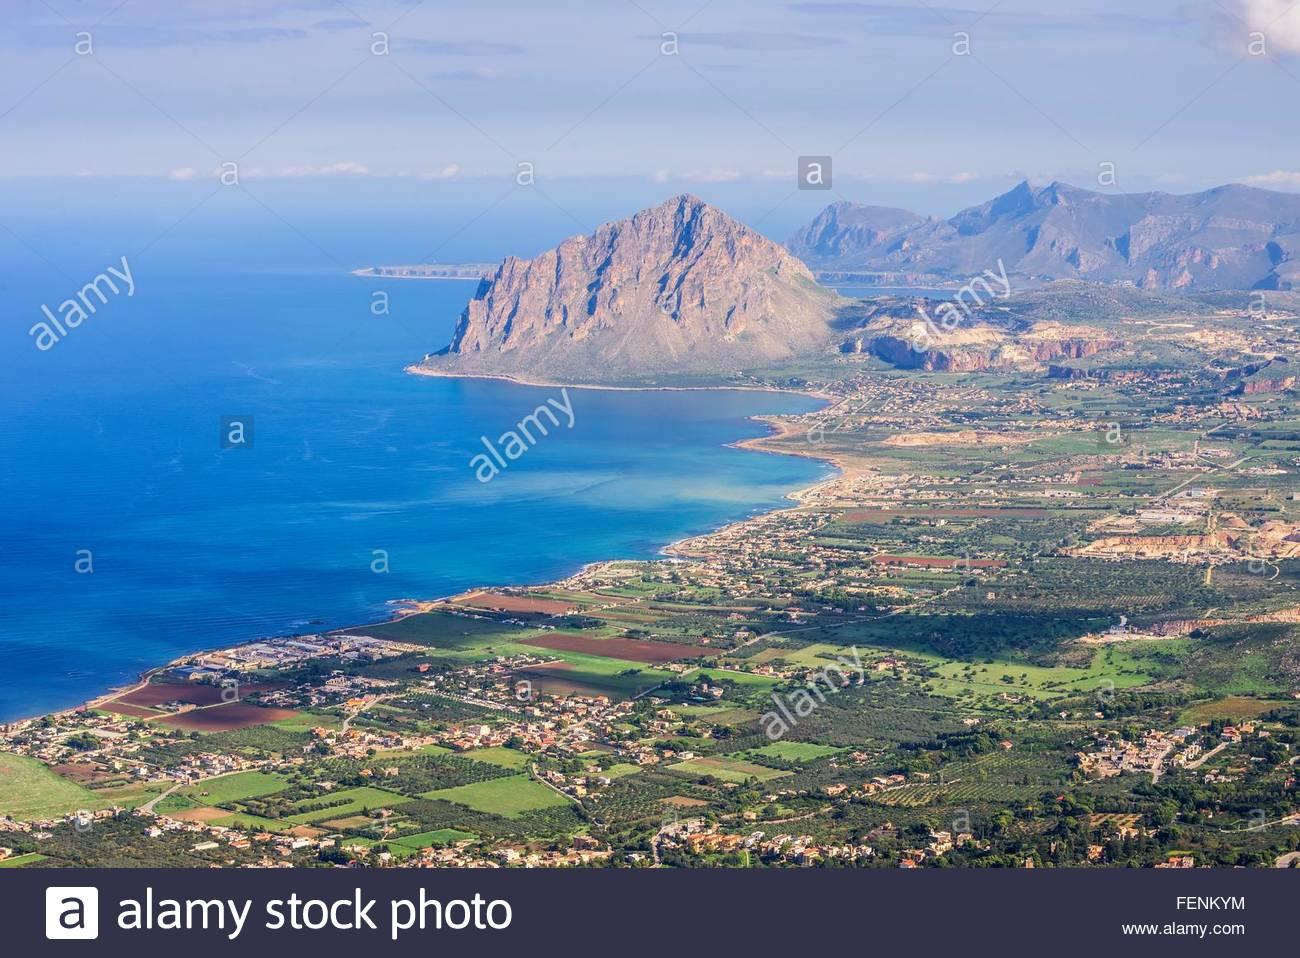 Angolo di alta vista del Monte Cofano e la fascia costiera, Erice, in Sicilia, Italia Immagini Stock